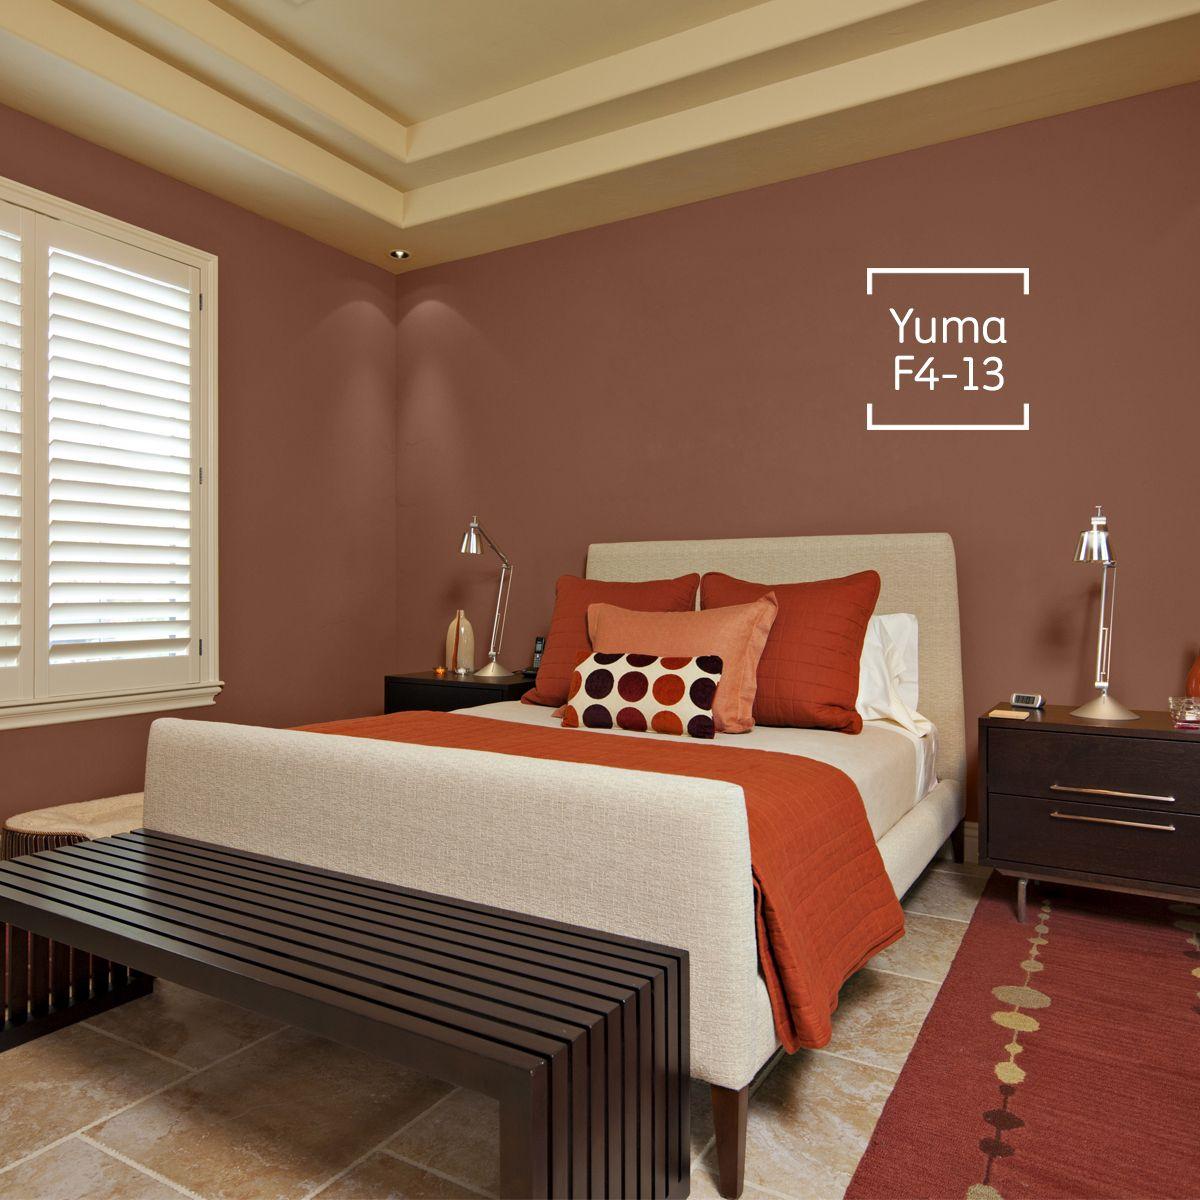 Muebles Dip Casa - Decora Tu Habitaci N Con Tonalidades Que Hagan Juego Con Los [mjhdah]https://i.pinimg.com/originals/0c/74/42/0c74429e28edfd94808fd9aa0f076194.jpg